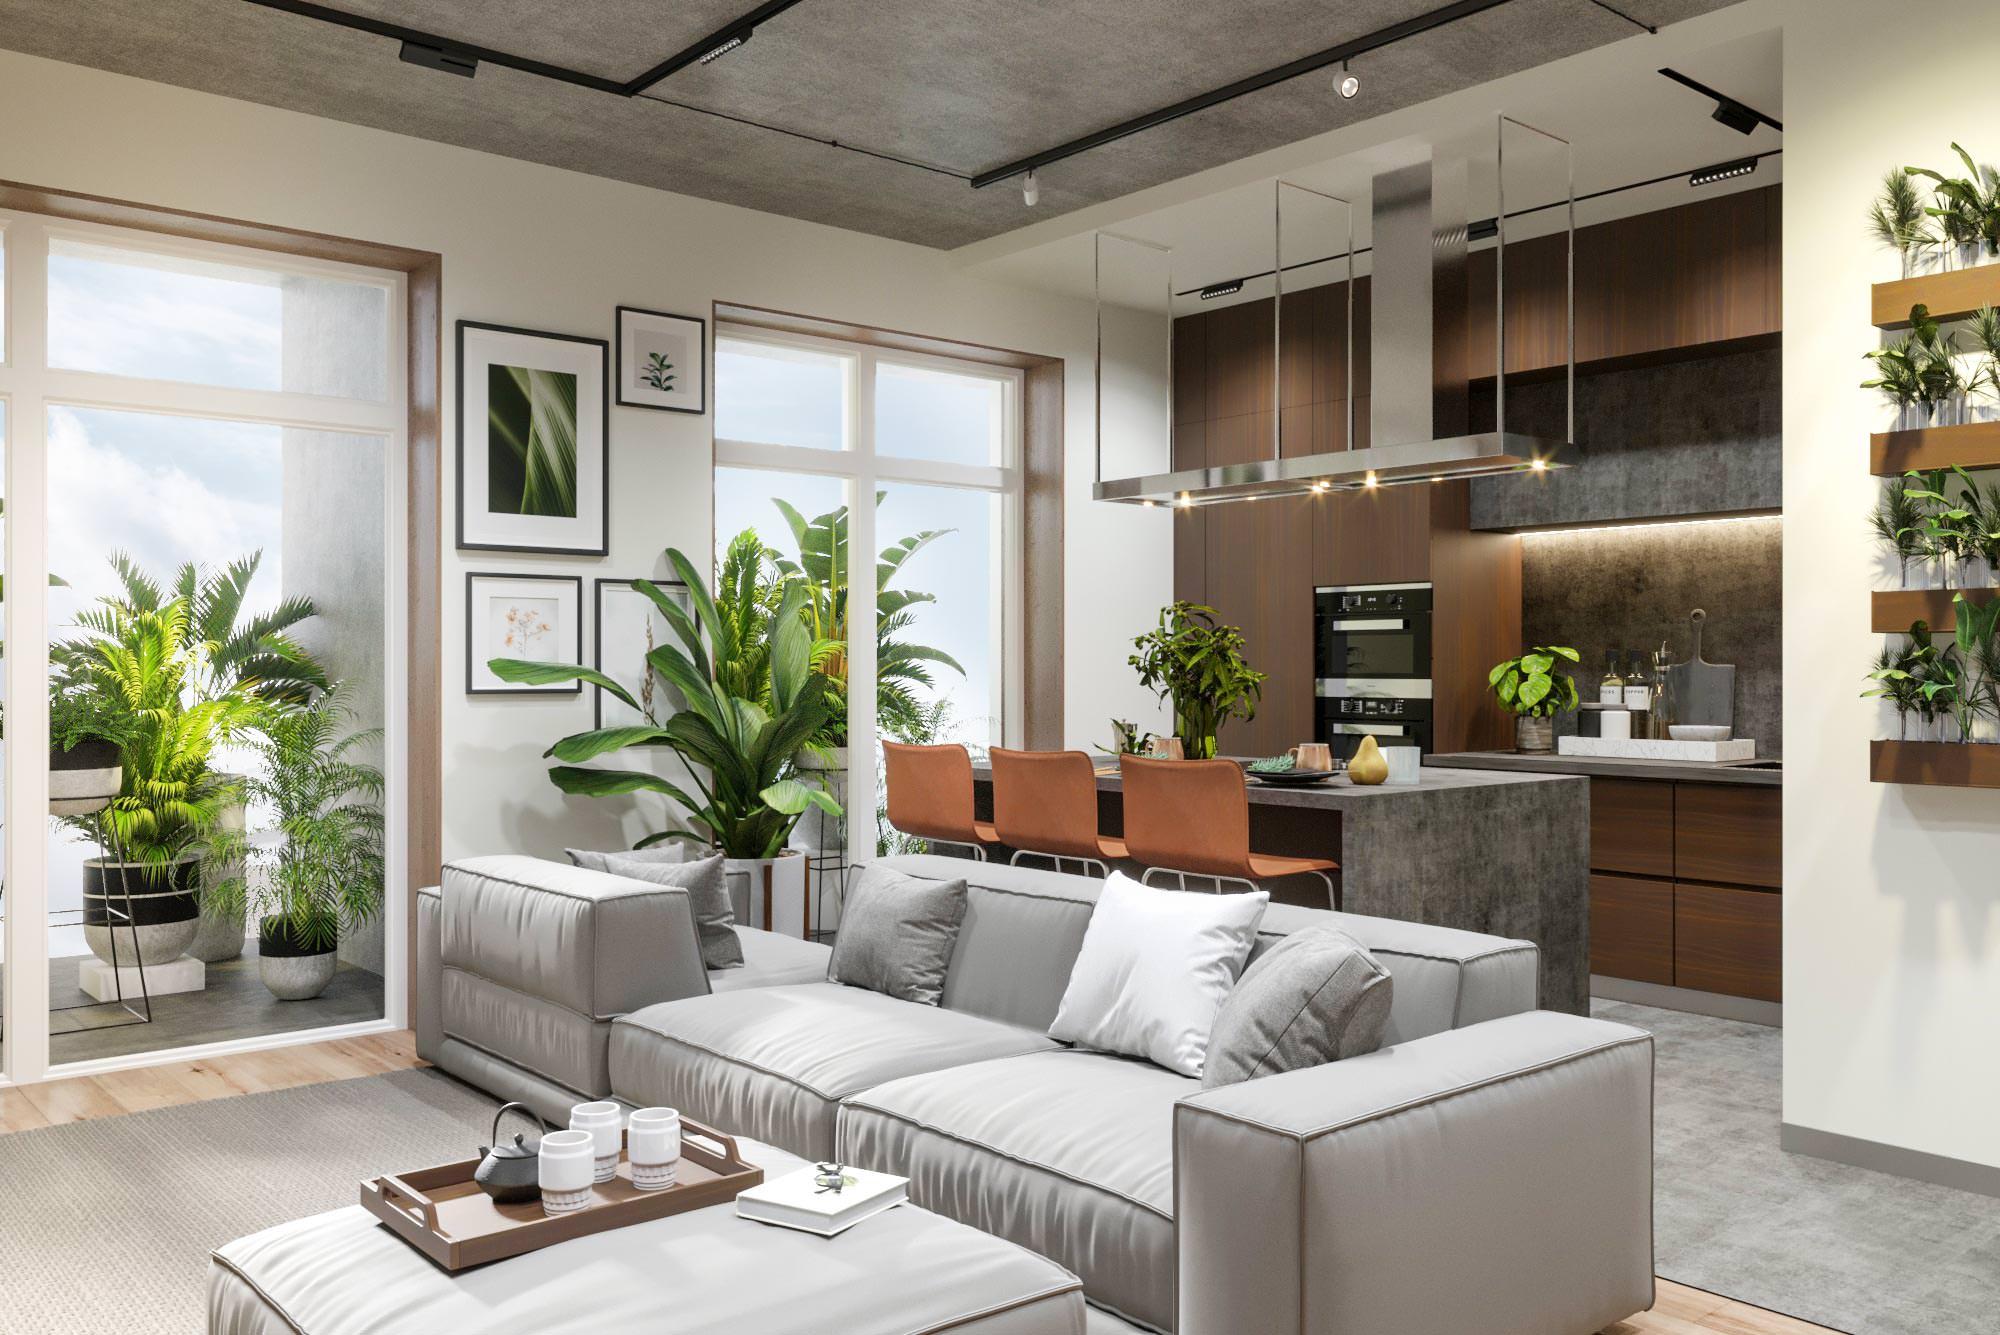 Студия, Общий вид гостиной и кухни с обзором на кухню, Дизайн интерьера в ЖК Макаровский 2020г.